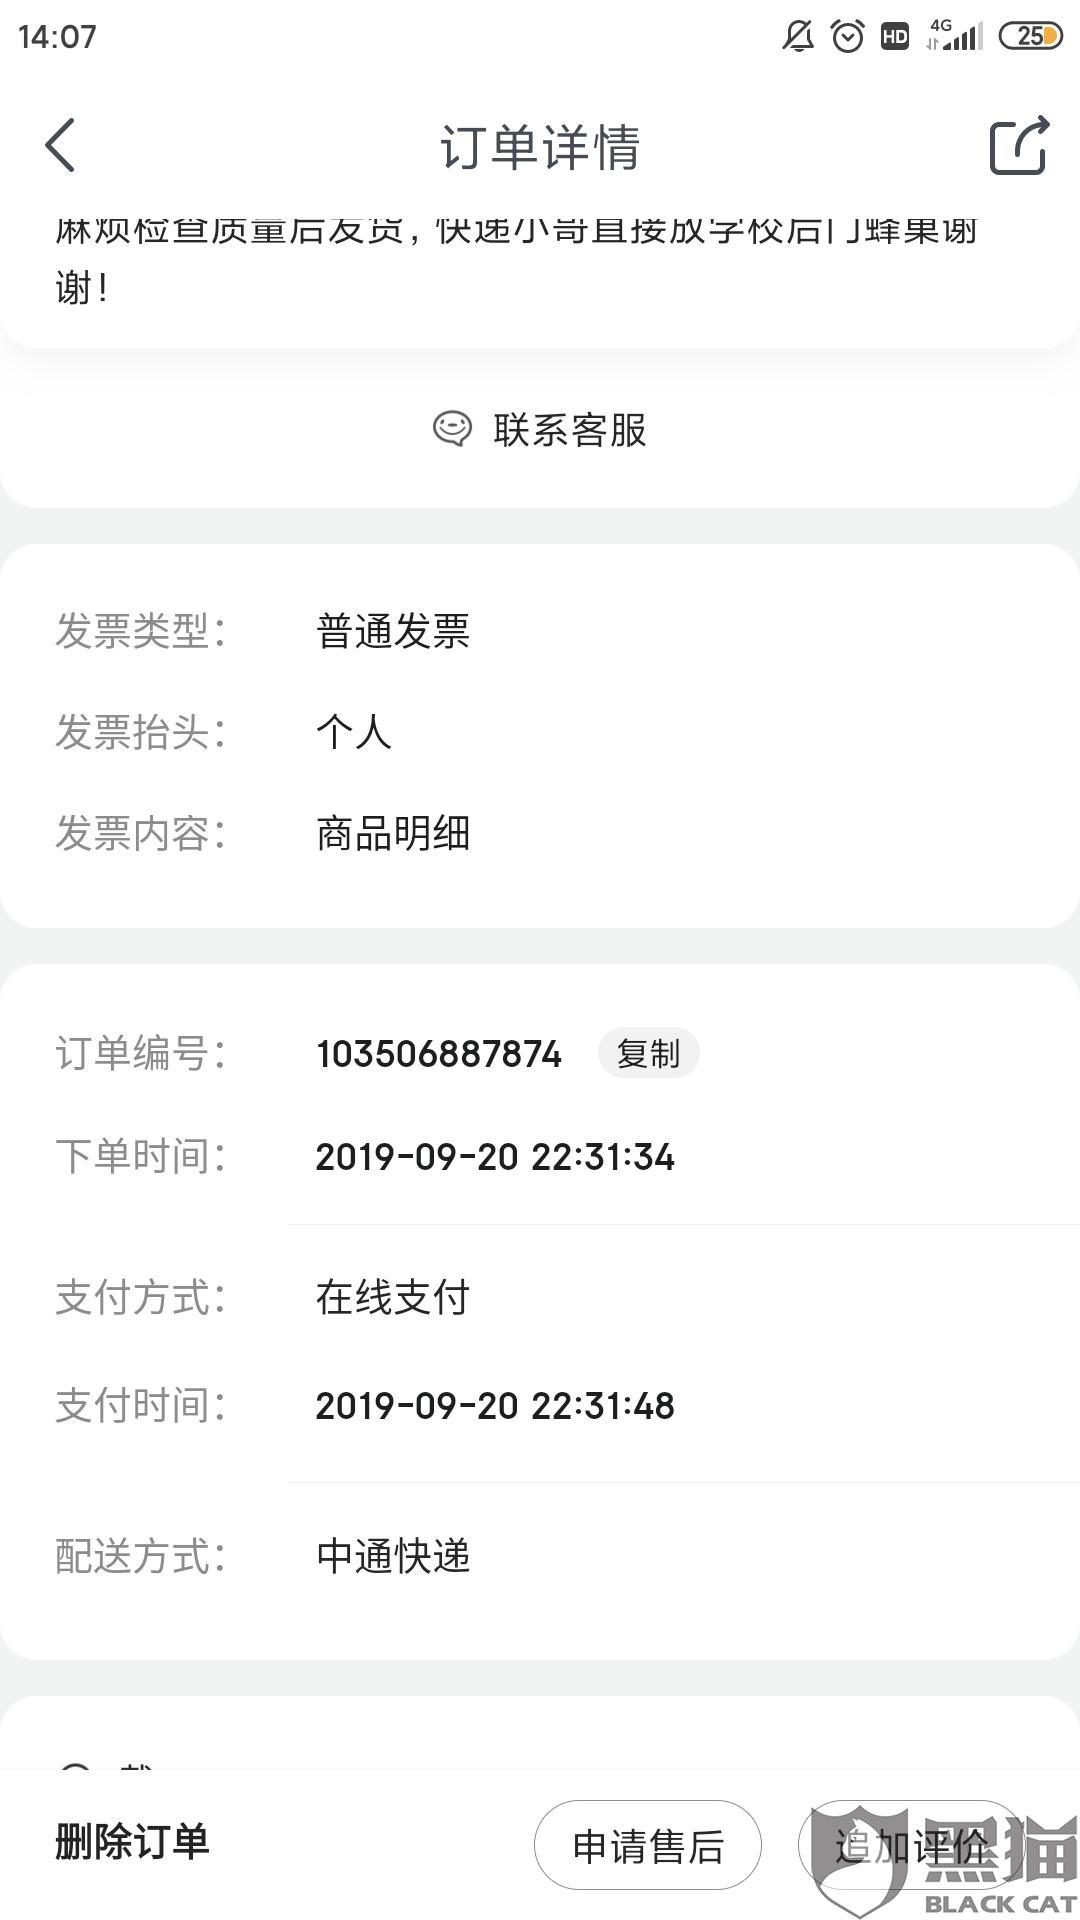 黑猫投诉:在京东锦昱运动专营店买的阿迪达斯篮球鞋穿了不到一个月开胶